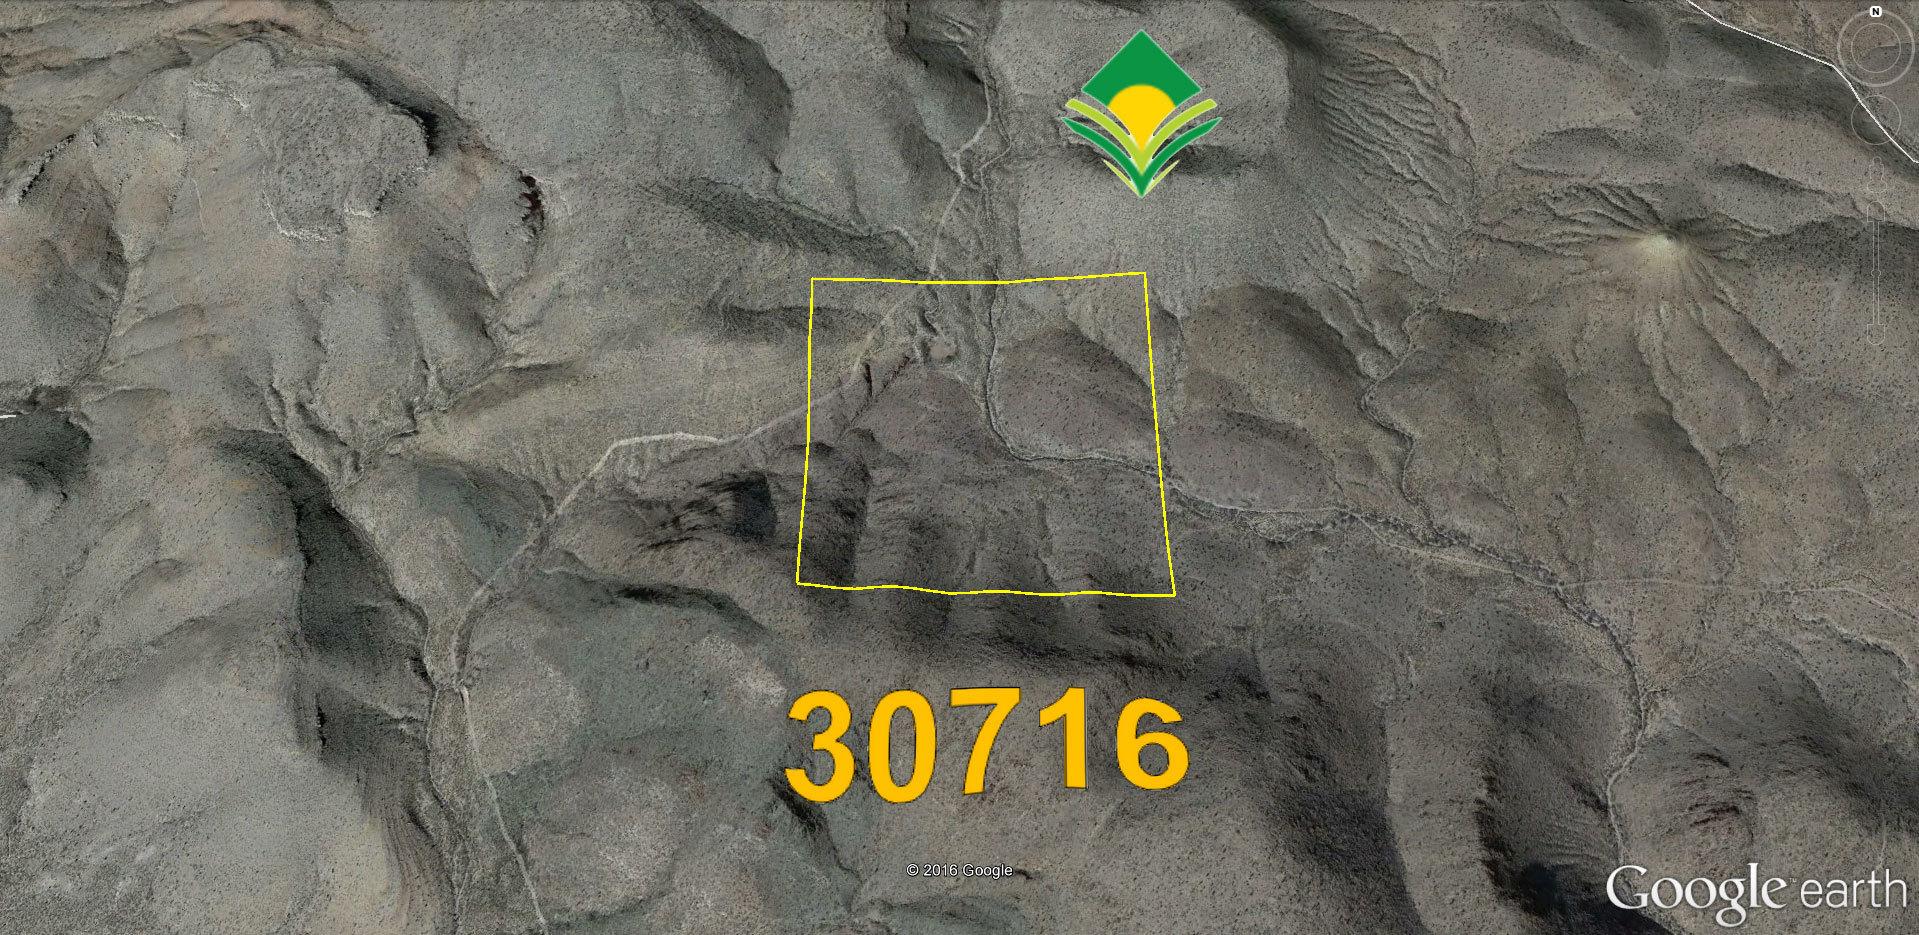 426405707.jpg